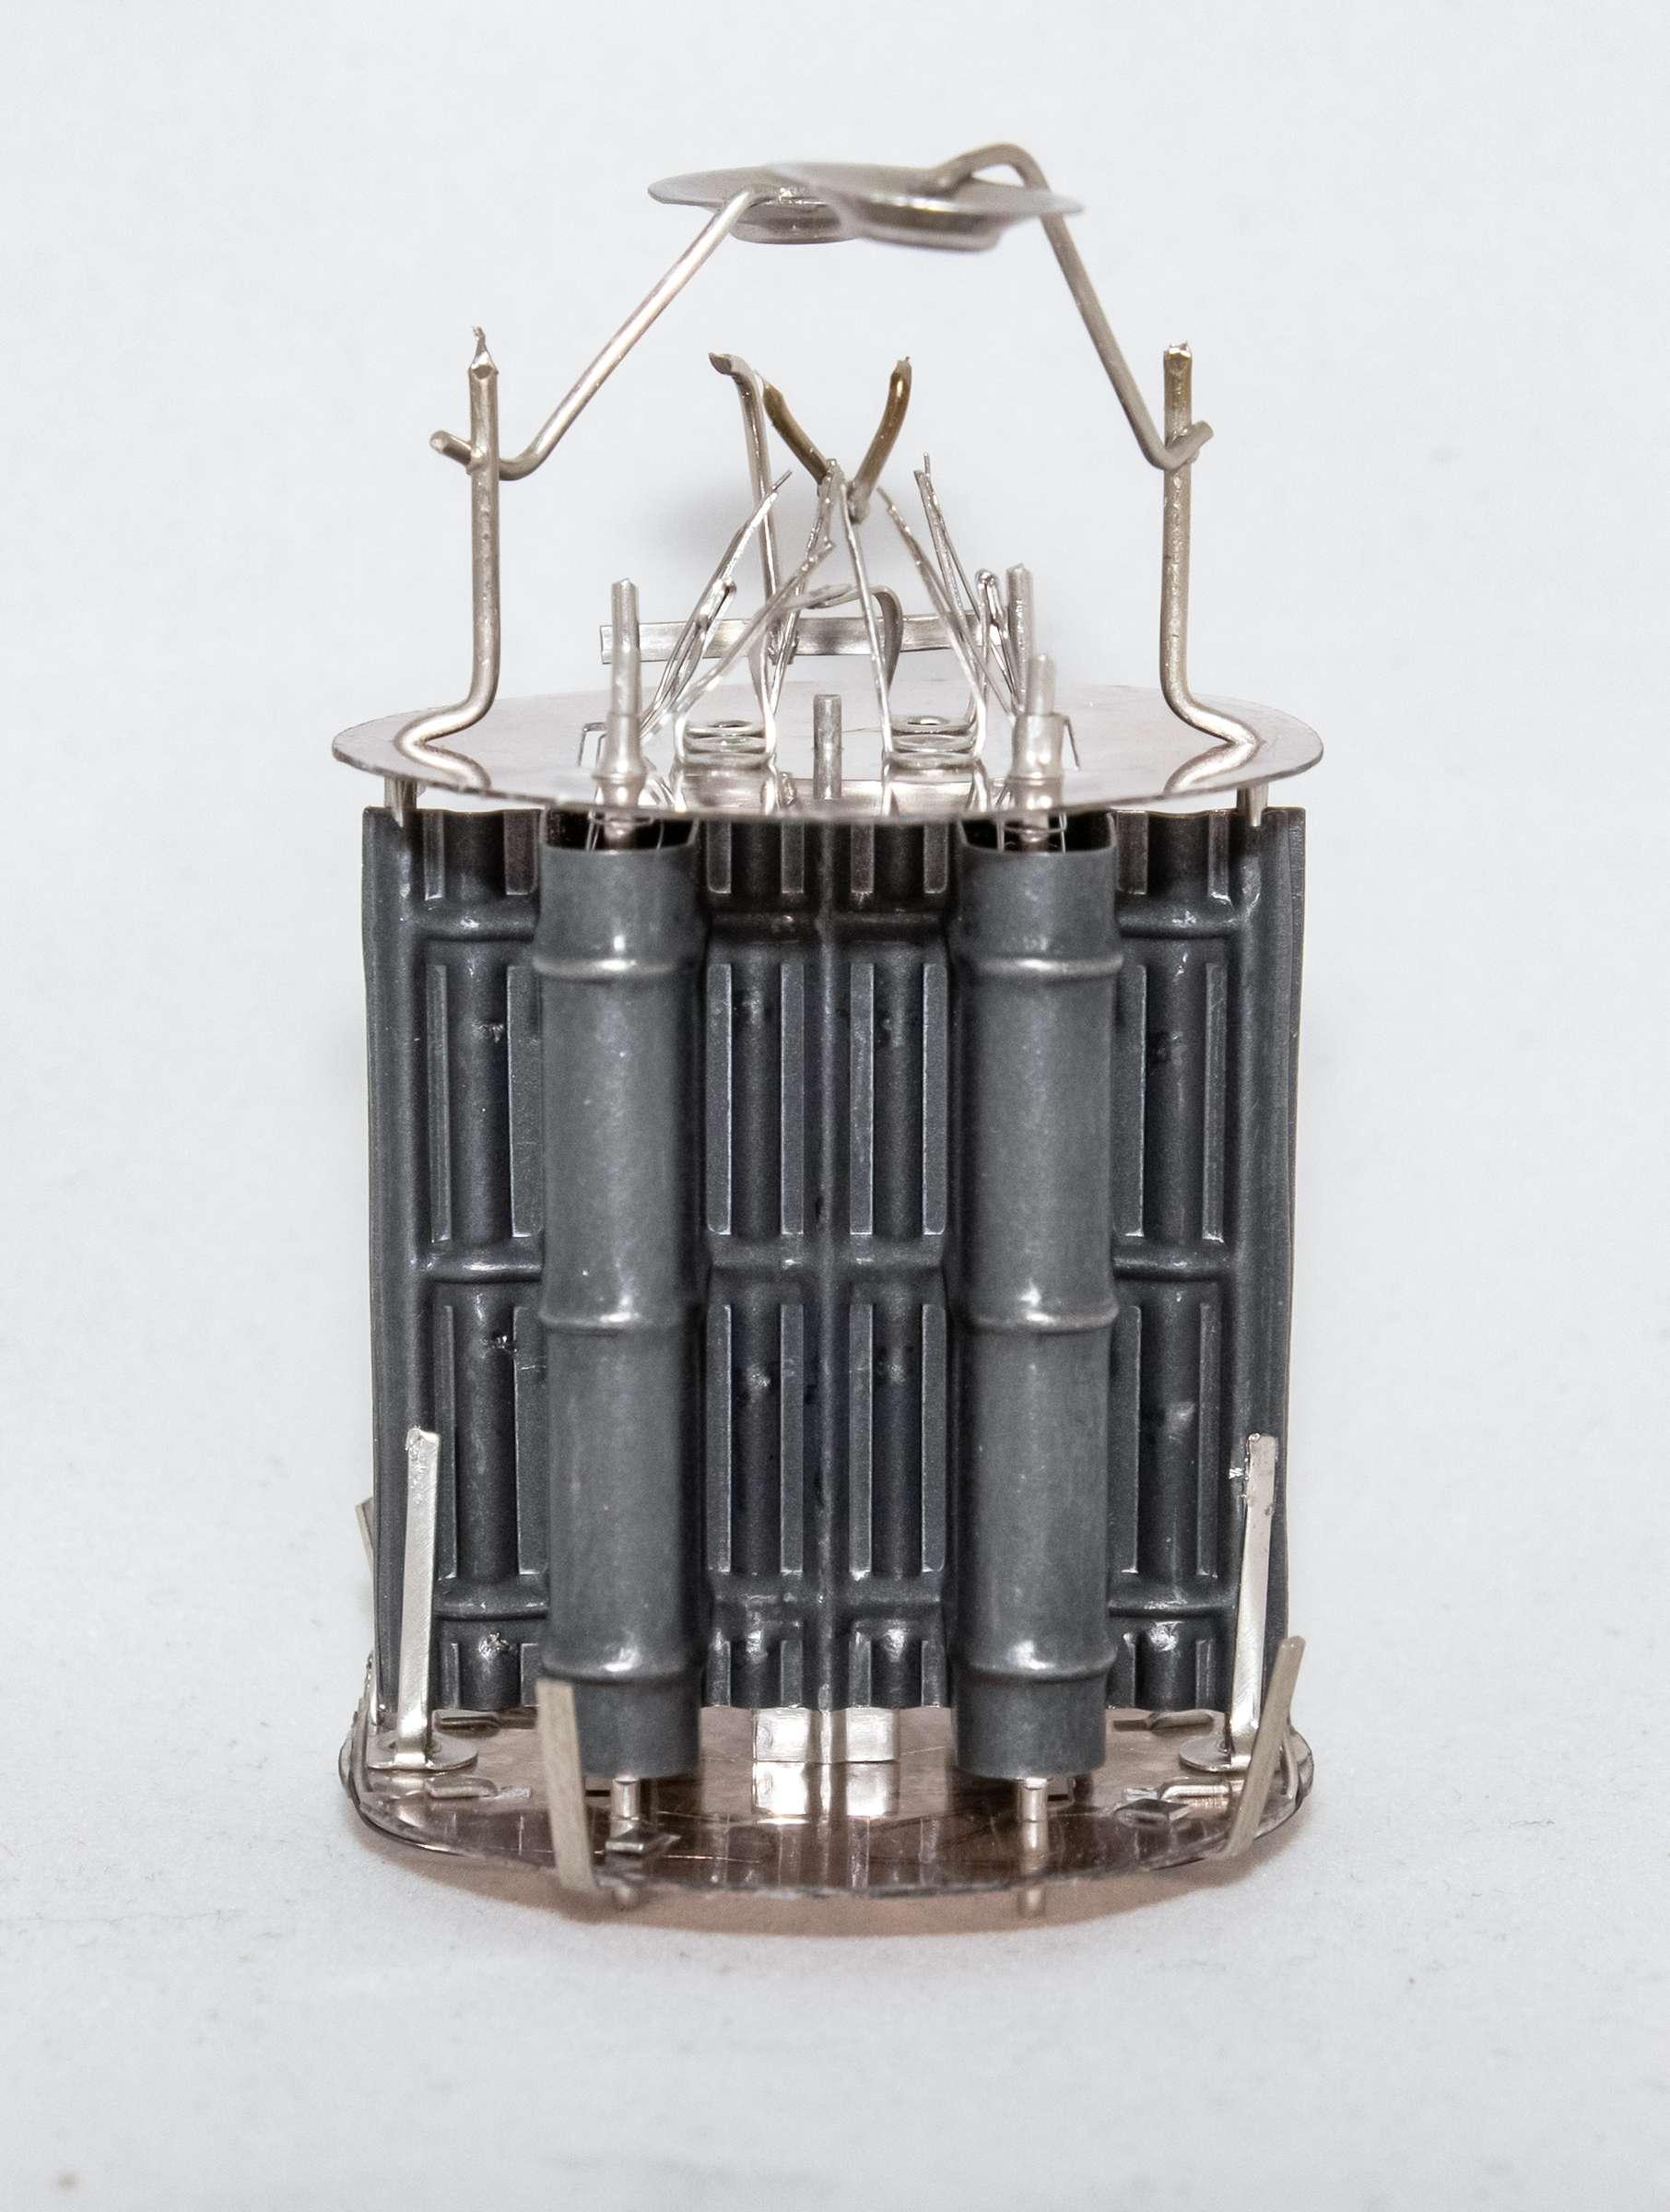 Внутреннее устройство радиолампы 6С4С